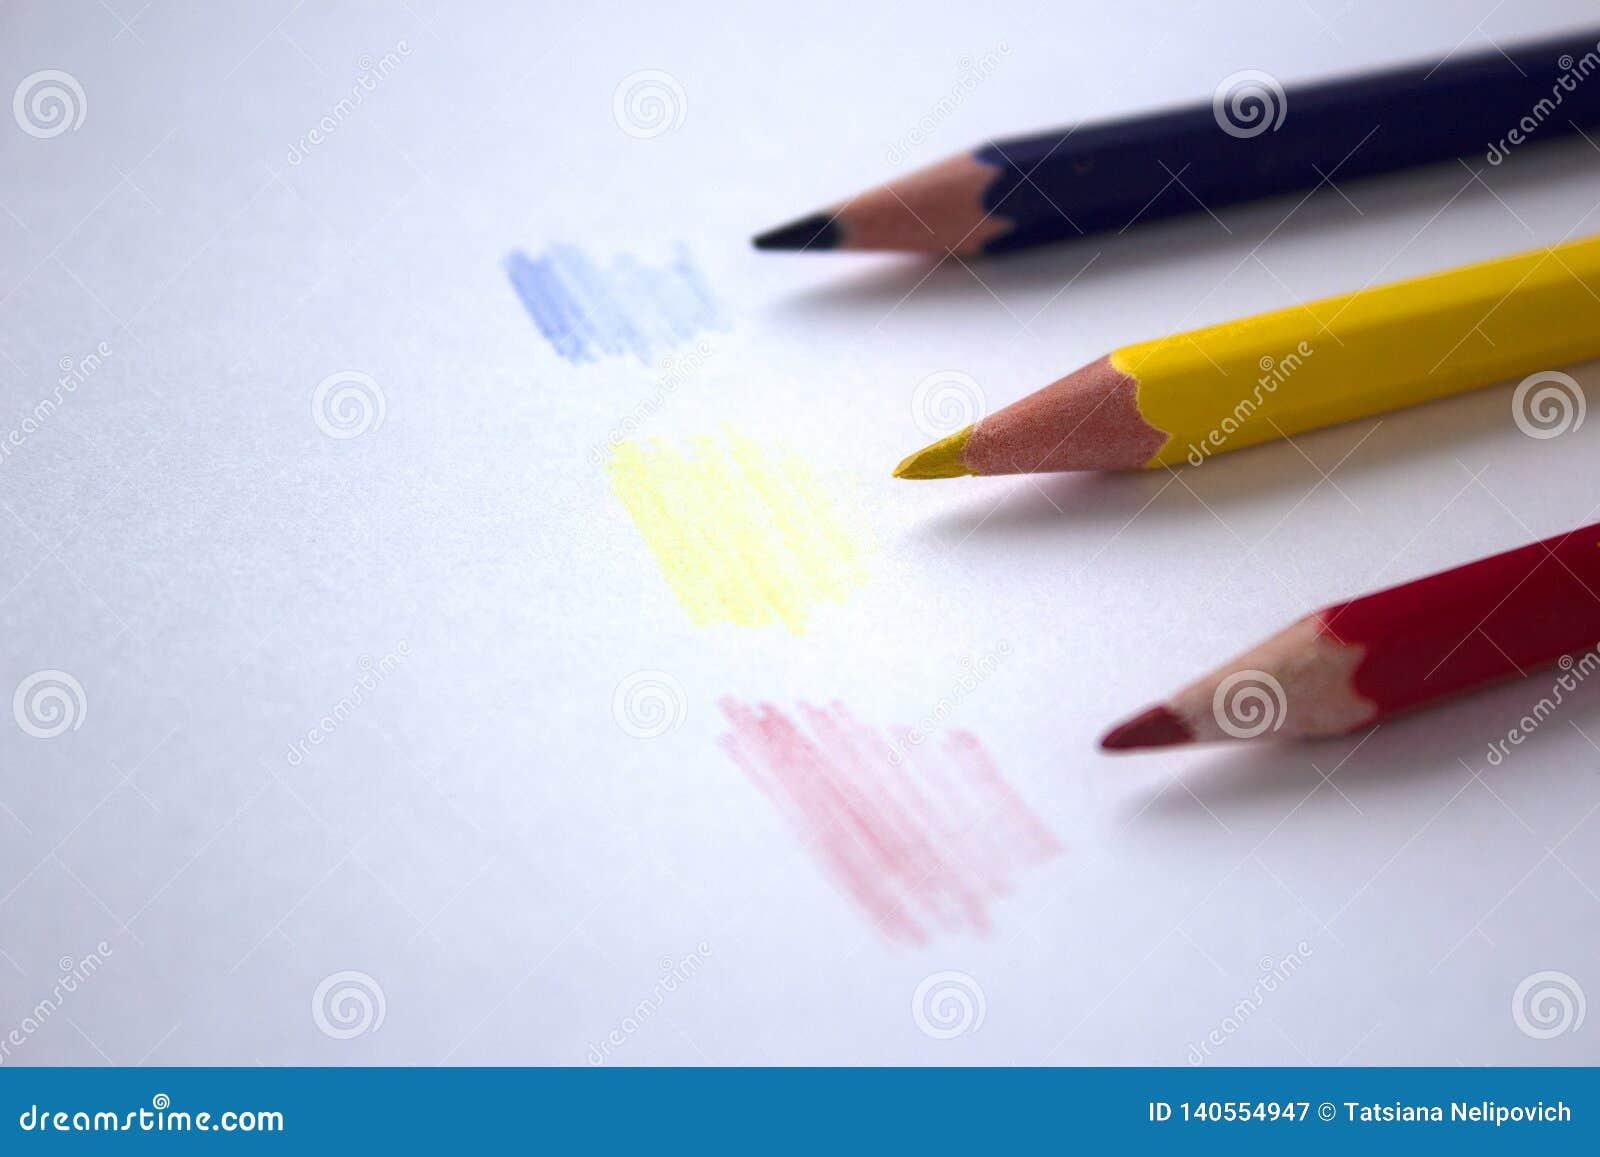 Dessins au crayon colorés